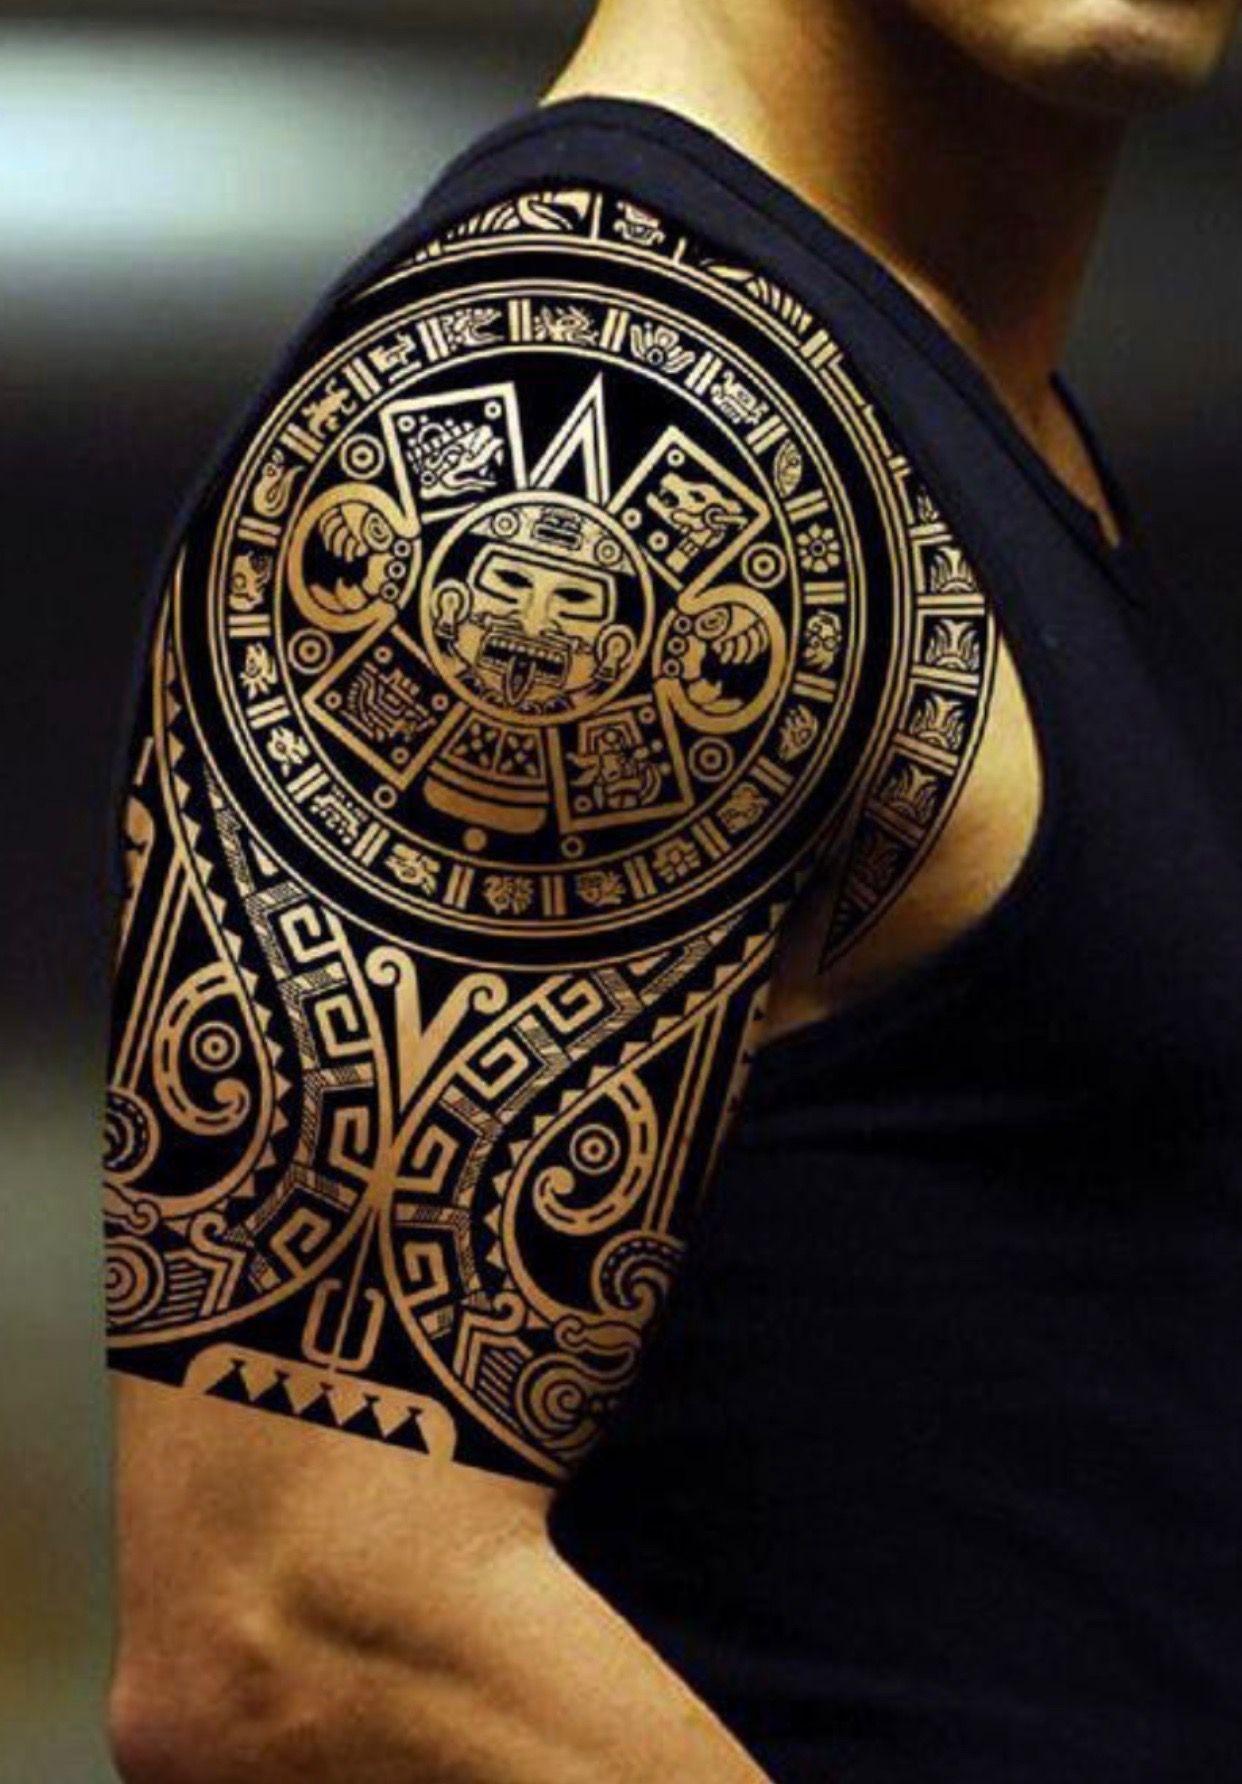 Maoritattoosshoulder Polynesiantattoosshoulder